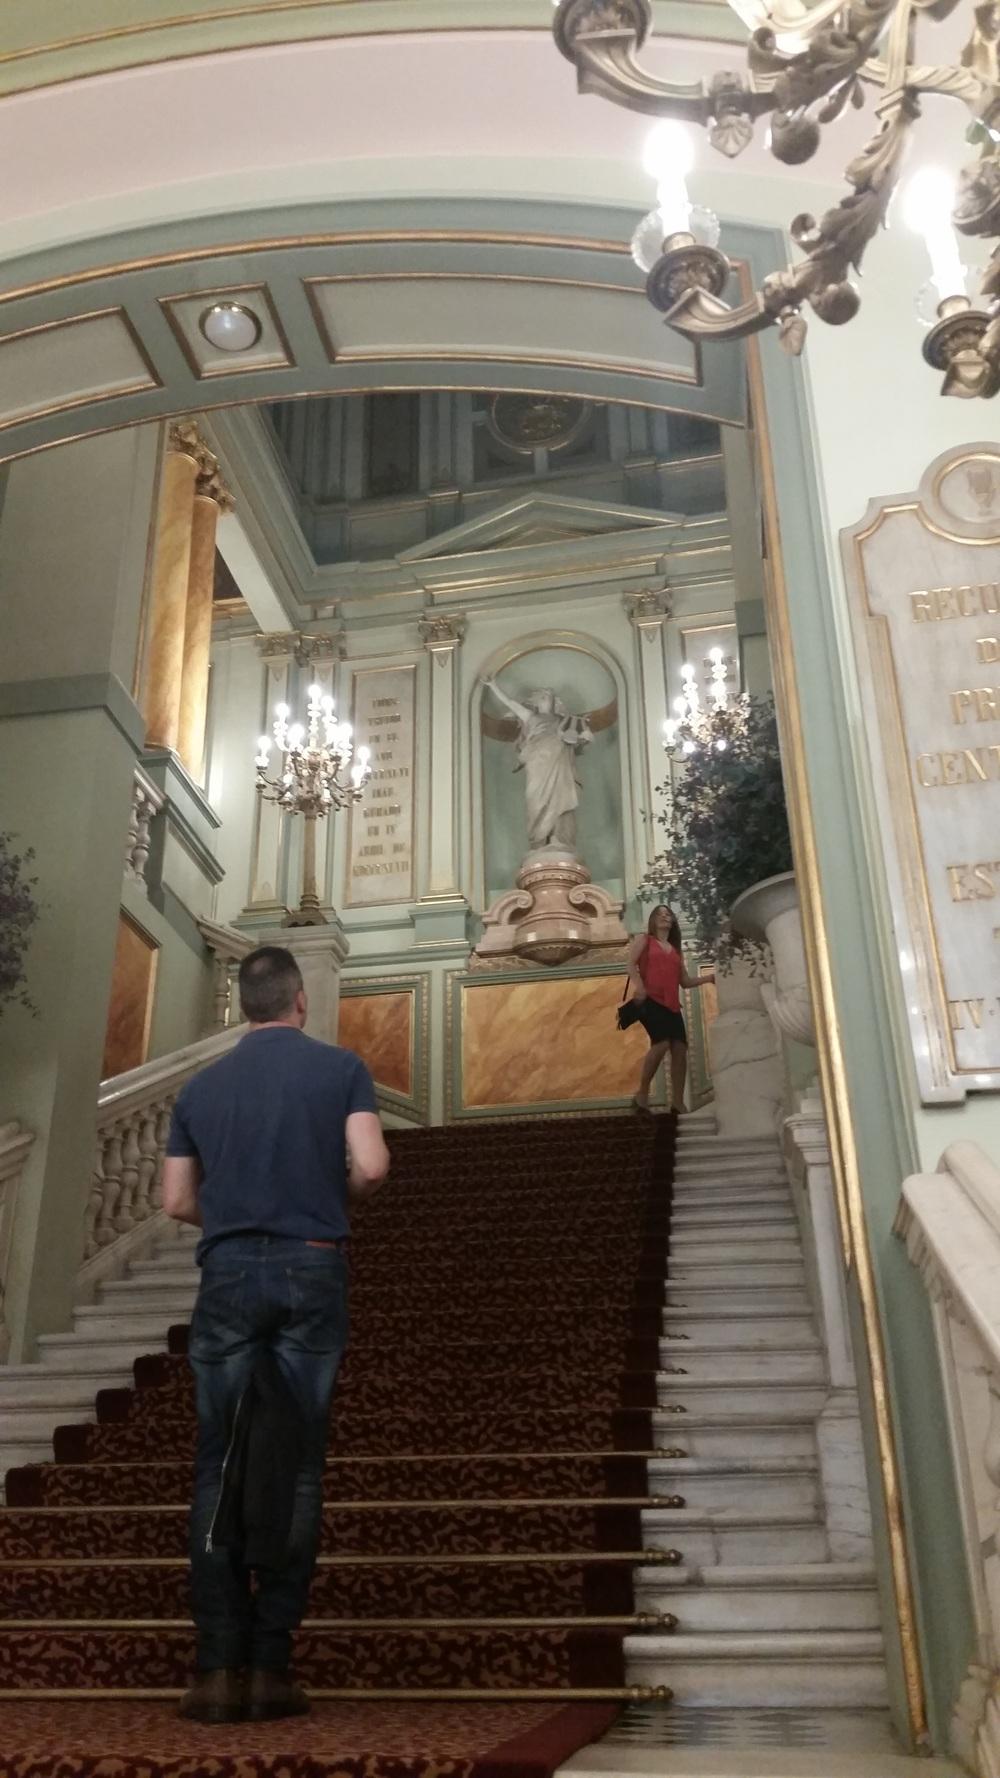 Inside the Opera house - fancy!